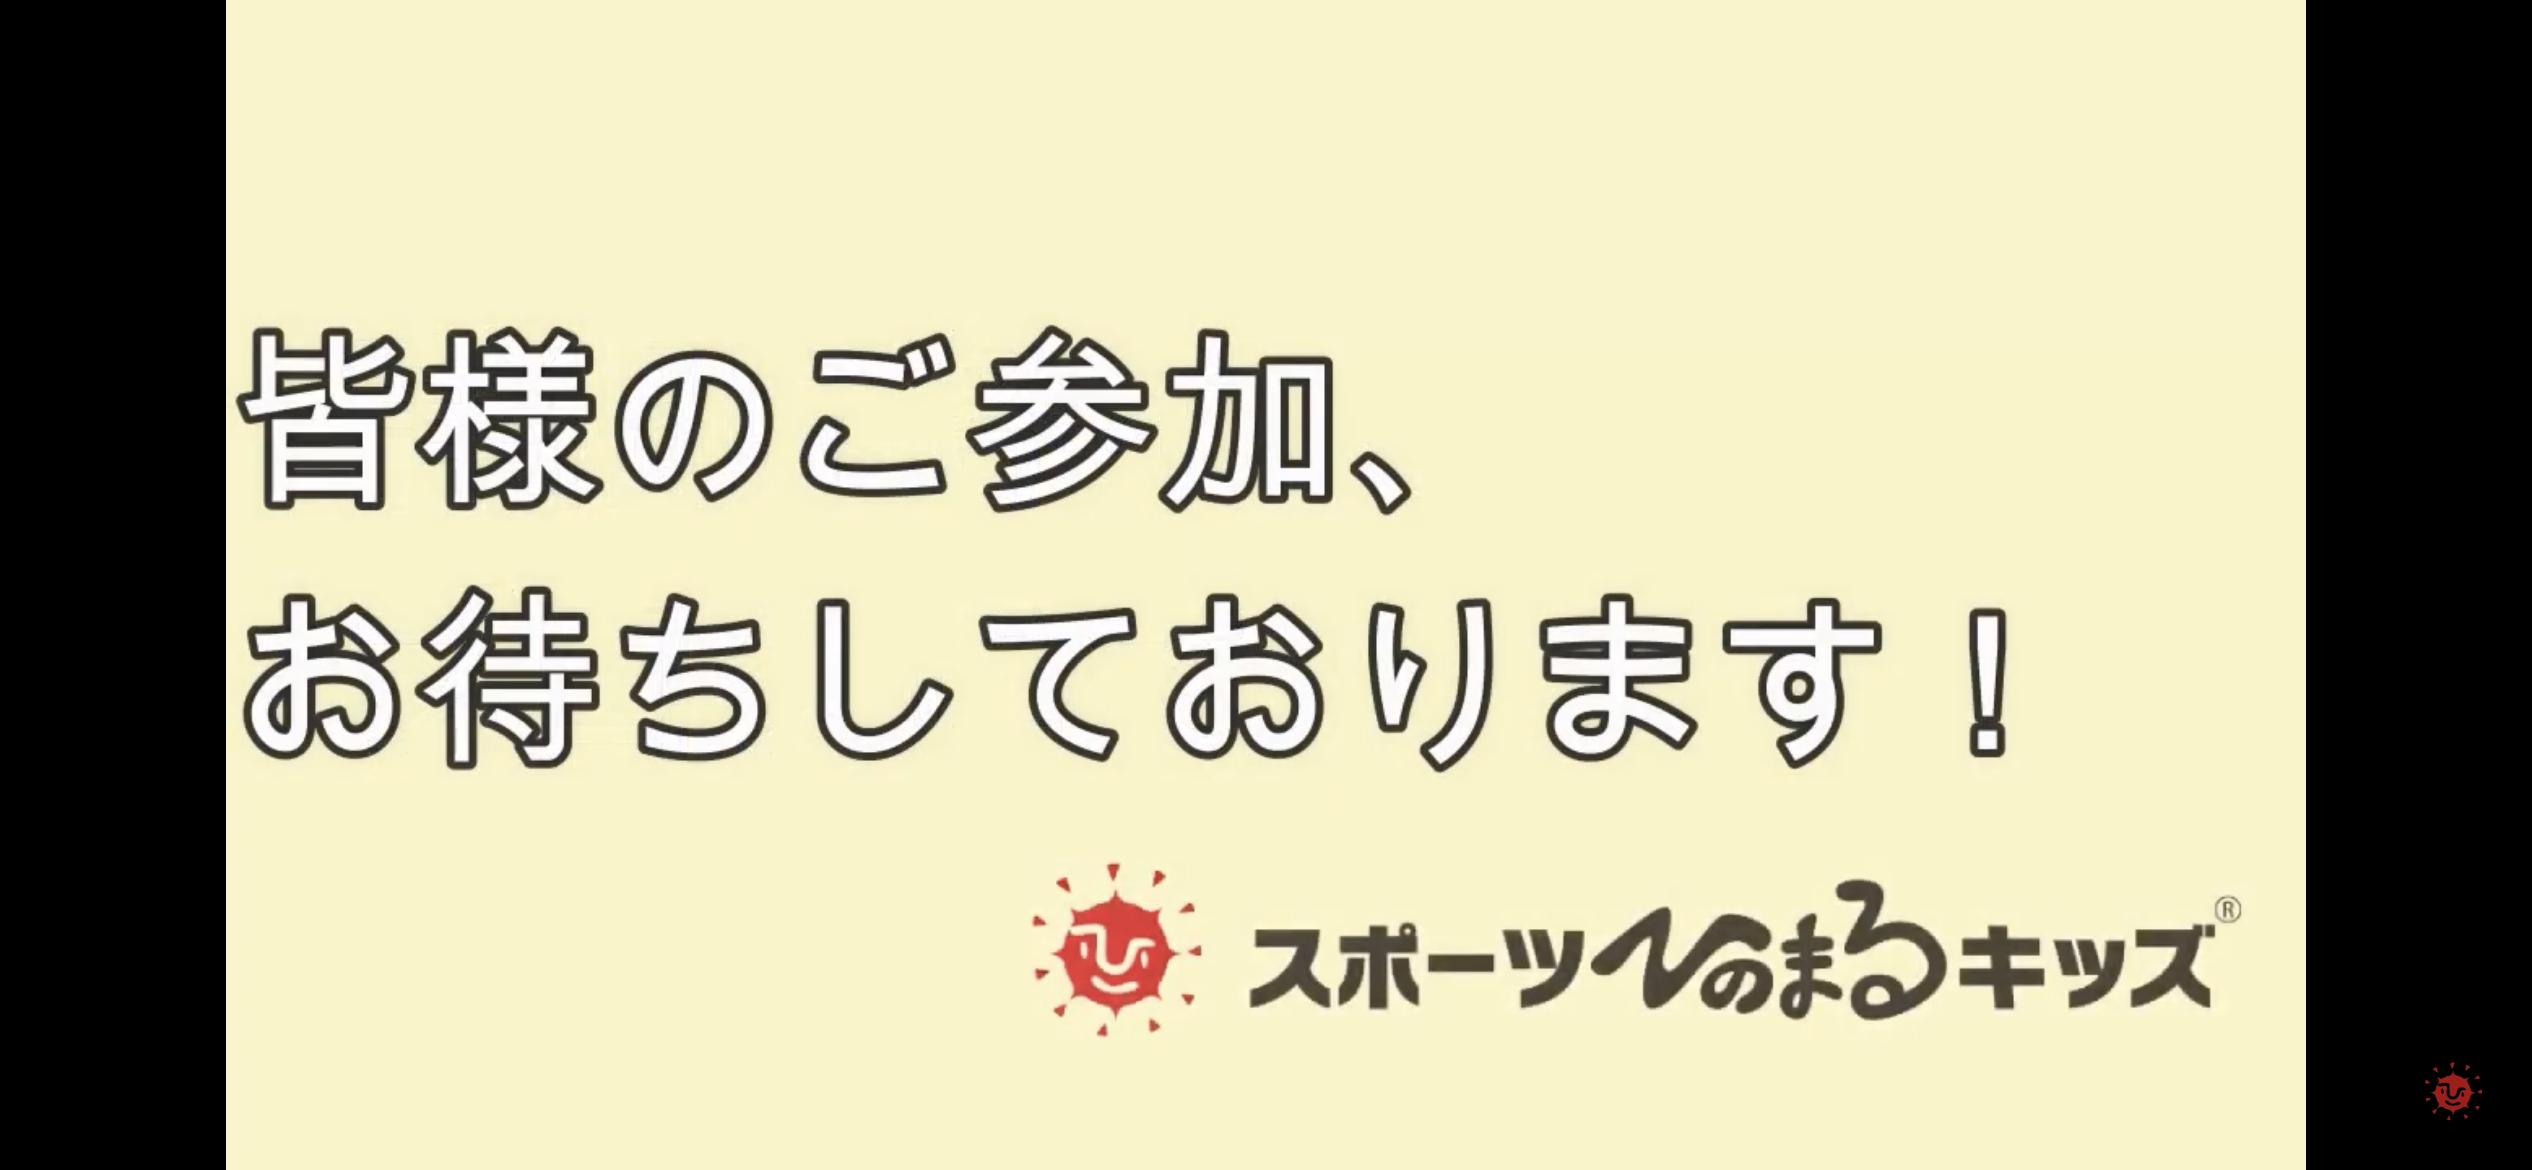 【スケジュール】ひのまるキッズイベント